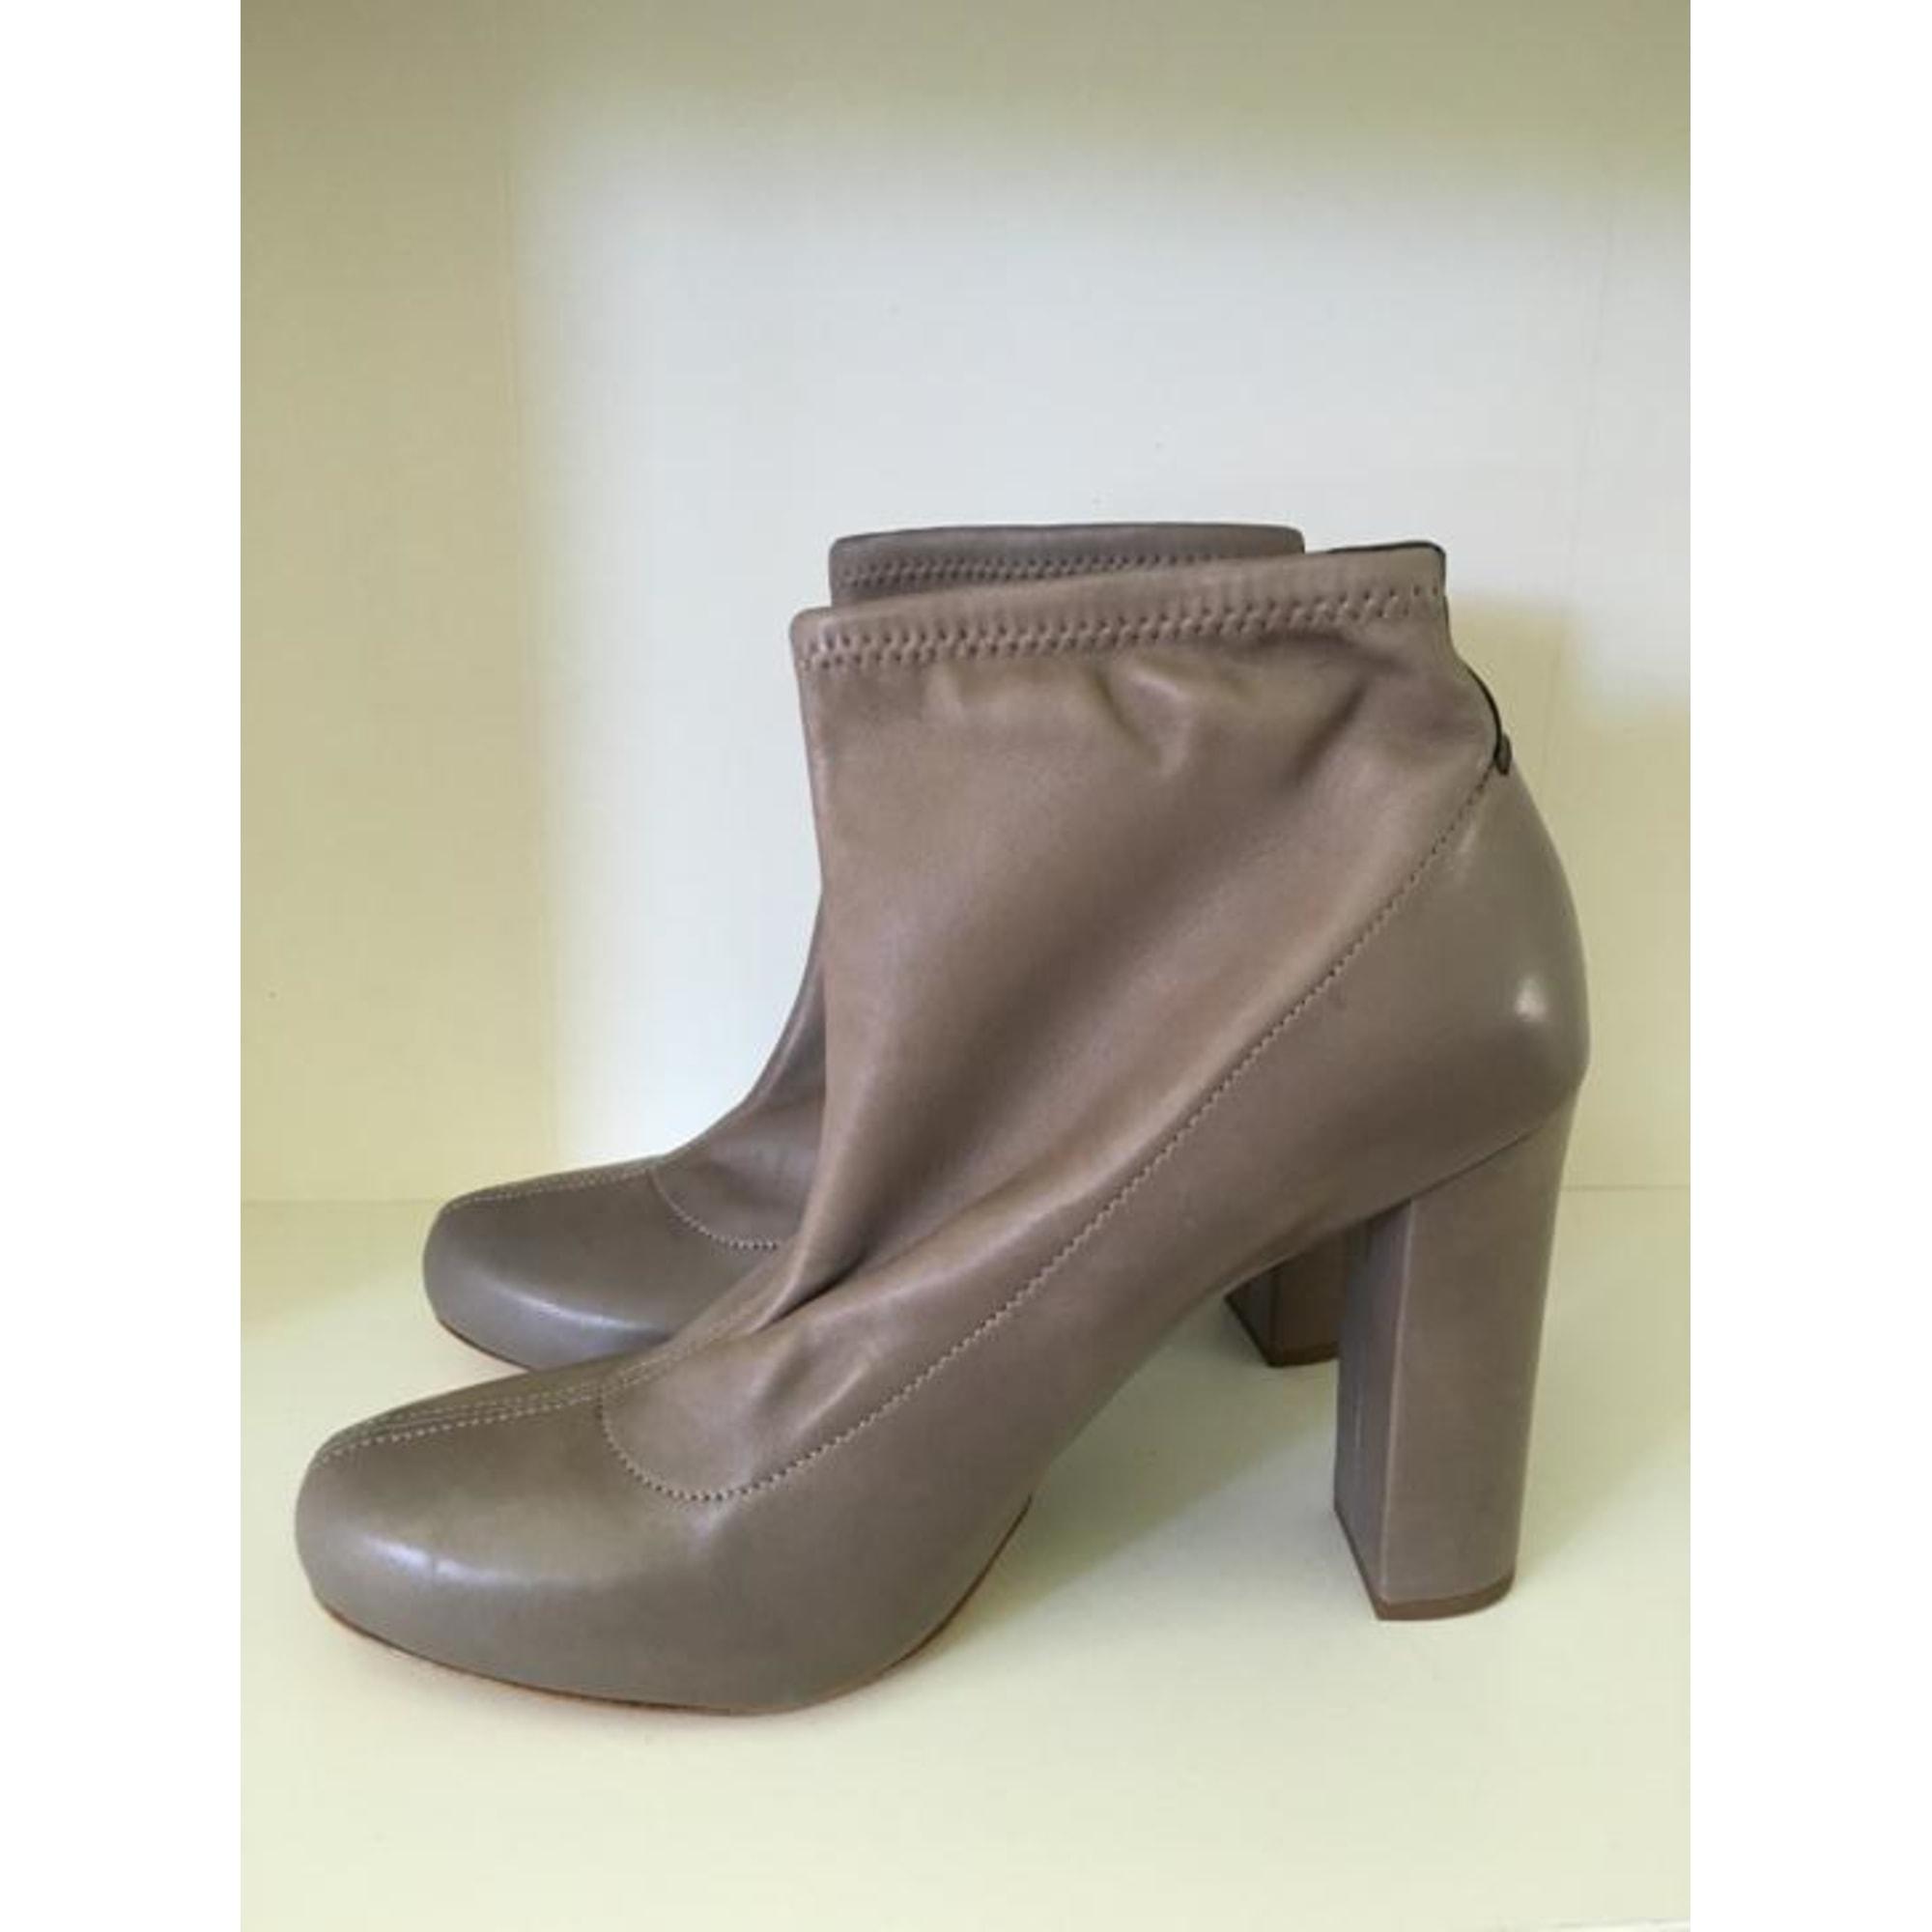 Bottines & low boots à talons CHLOÉ Gris, anthracite